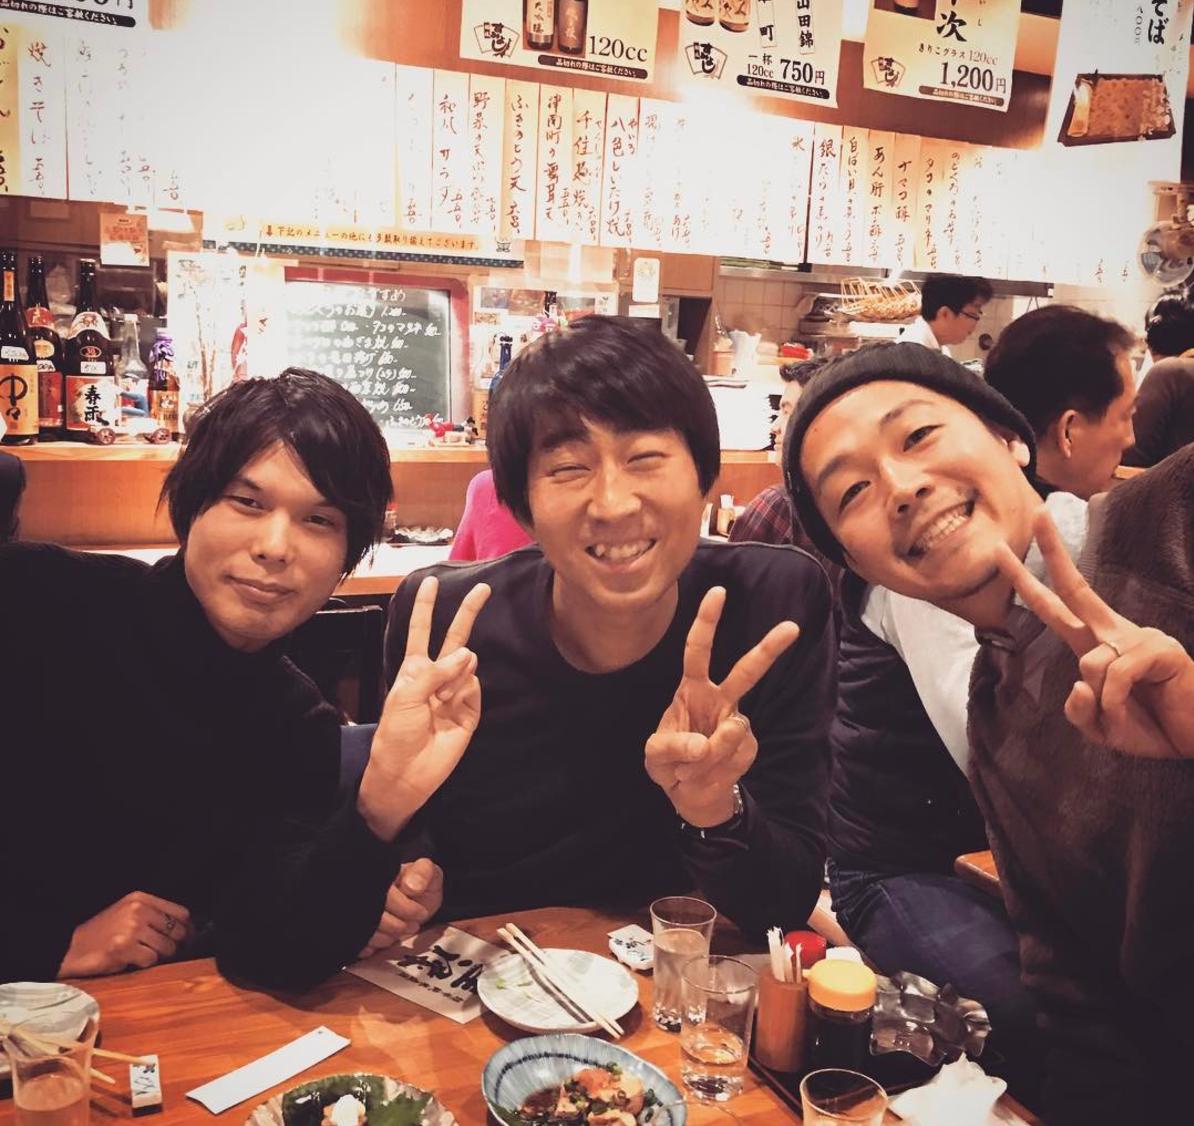 f:id:kakijiro:20170126003917p:plain